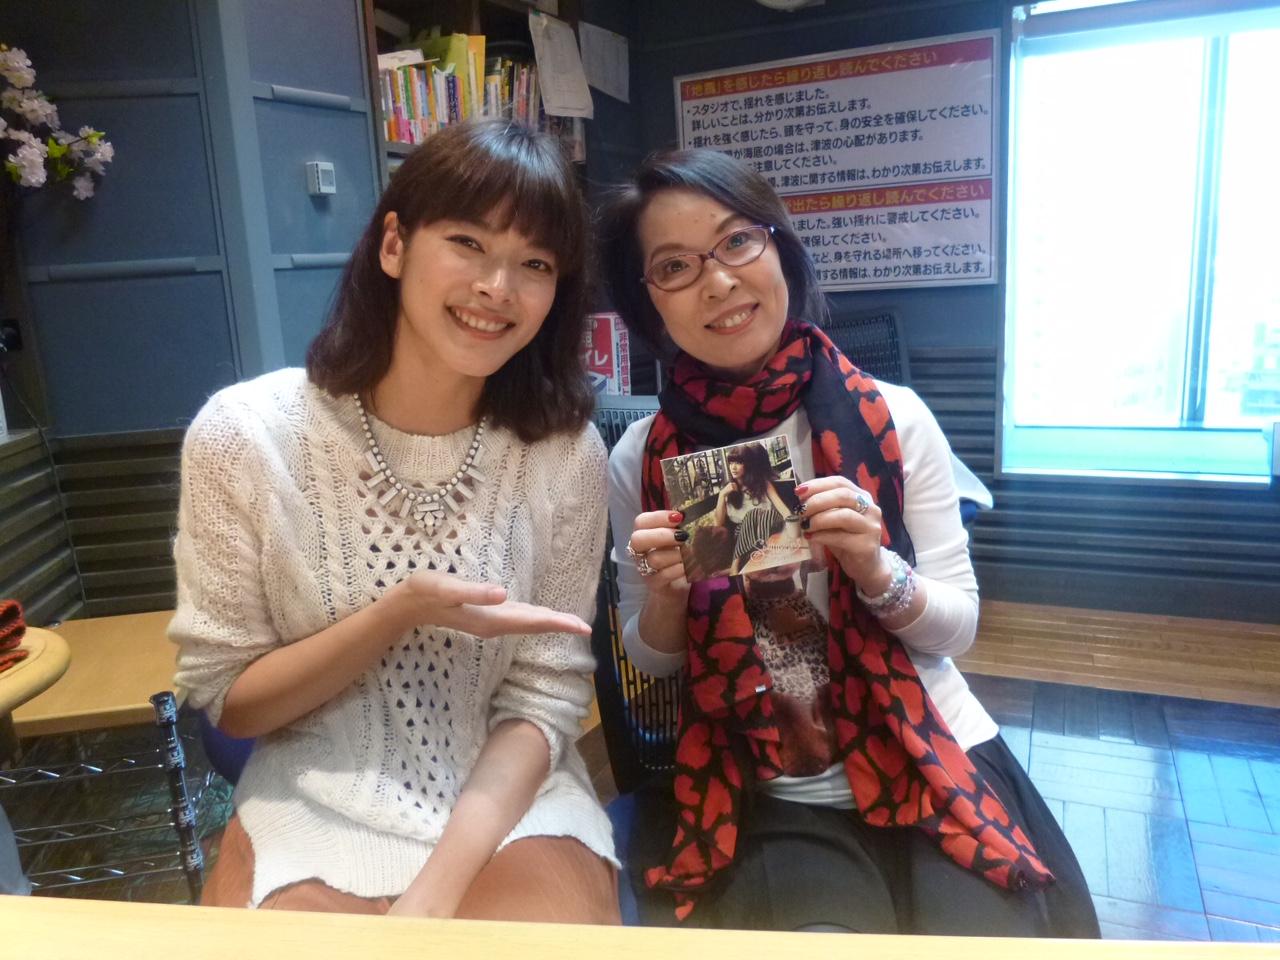 シンガーソングライターの 澤田かおりさん